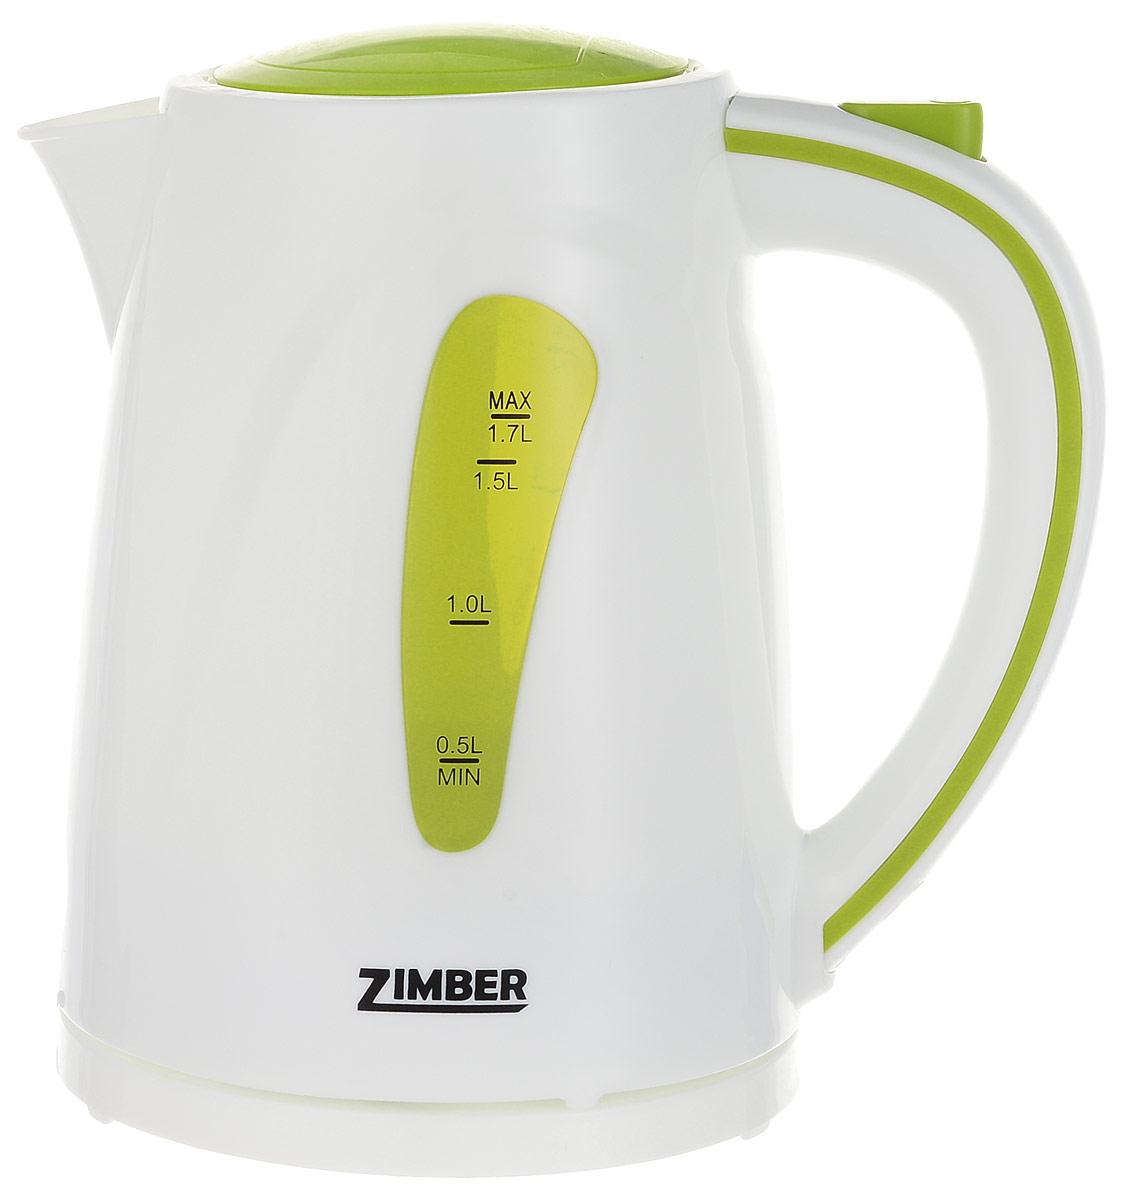 Zimber ZM-10838 электрический чайникZM-10838Электрический чайник Zimber ZM-10838 является прекрасным решением для тех, кто любит устраивать себе перерывы в работе на чашечку чая или кофе. Он прост в управлении и долговечен в использовании. Чайник автоматически выключается при закипании.